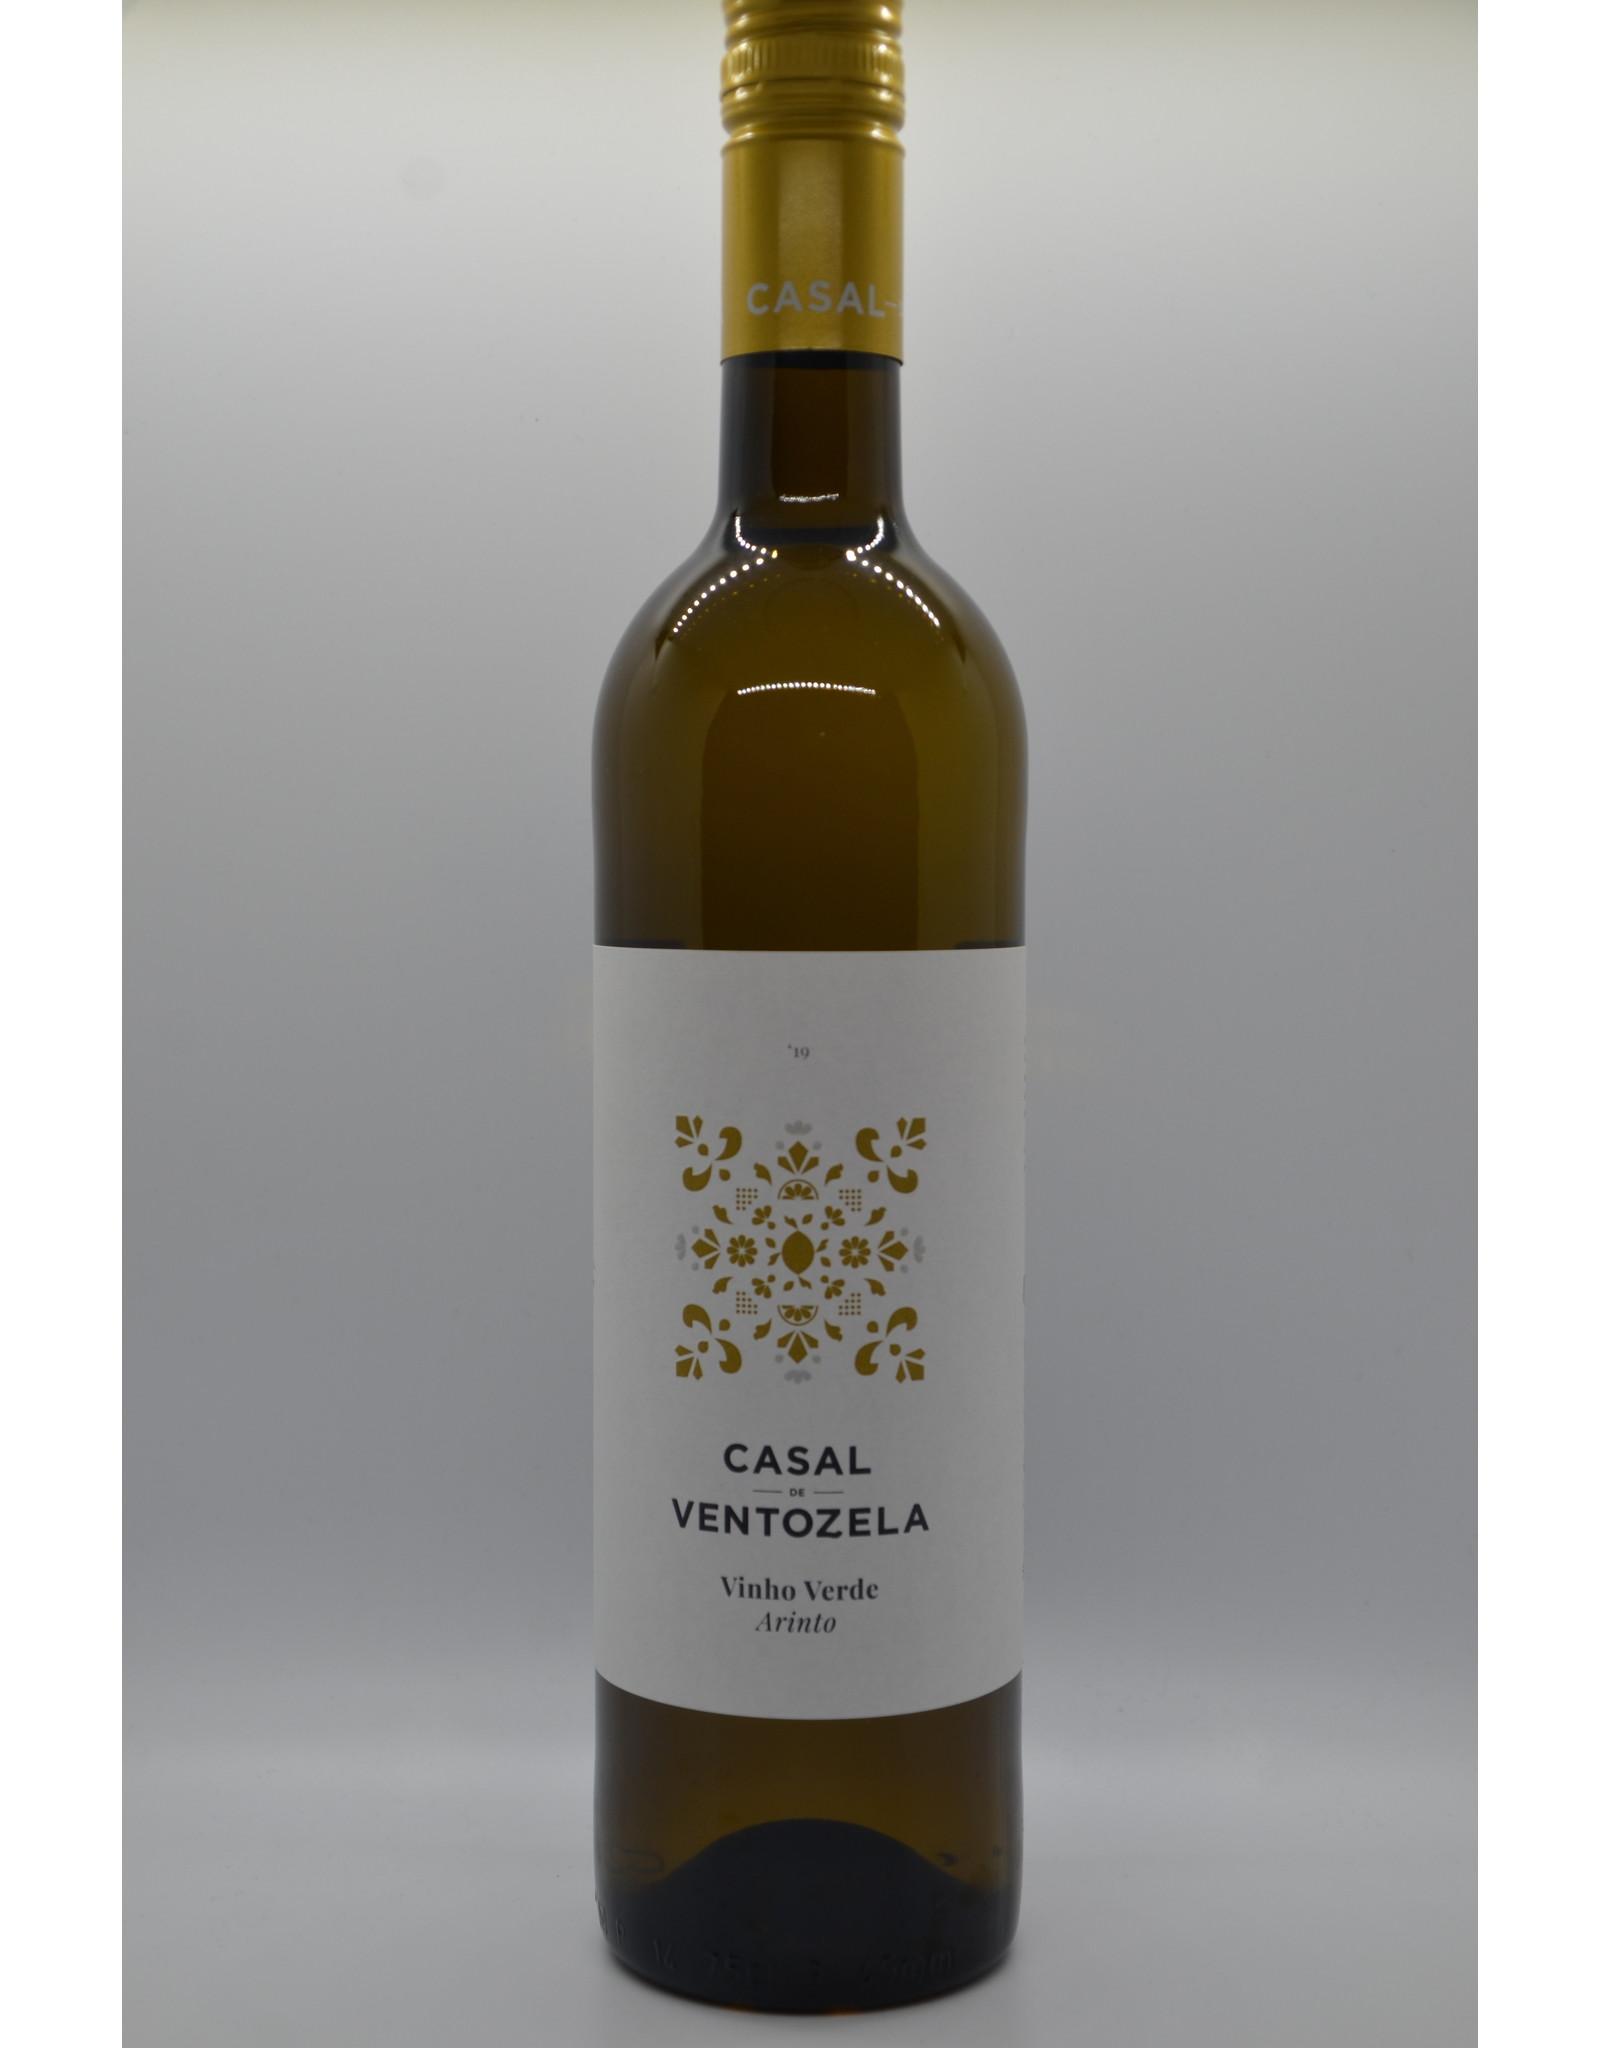 Portugal Casal de Ventozela Vinho Verde Arinto